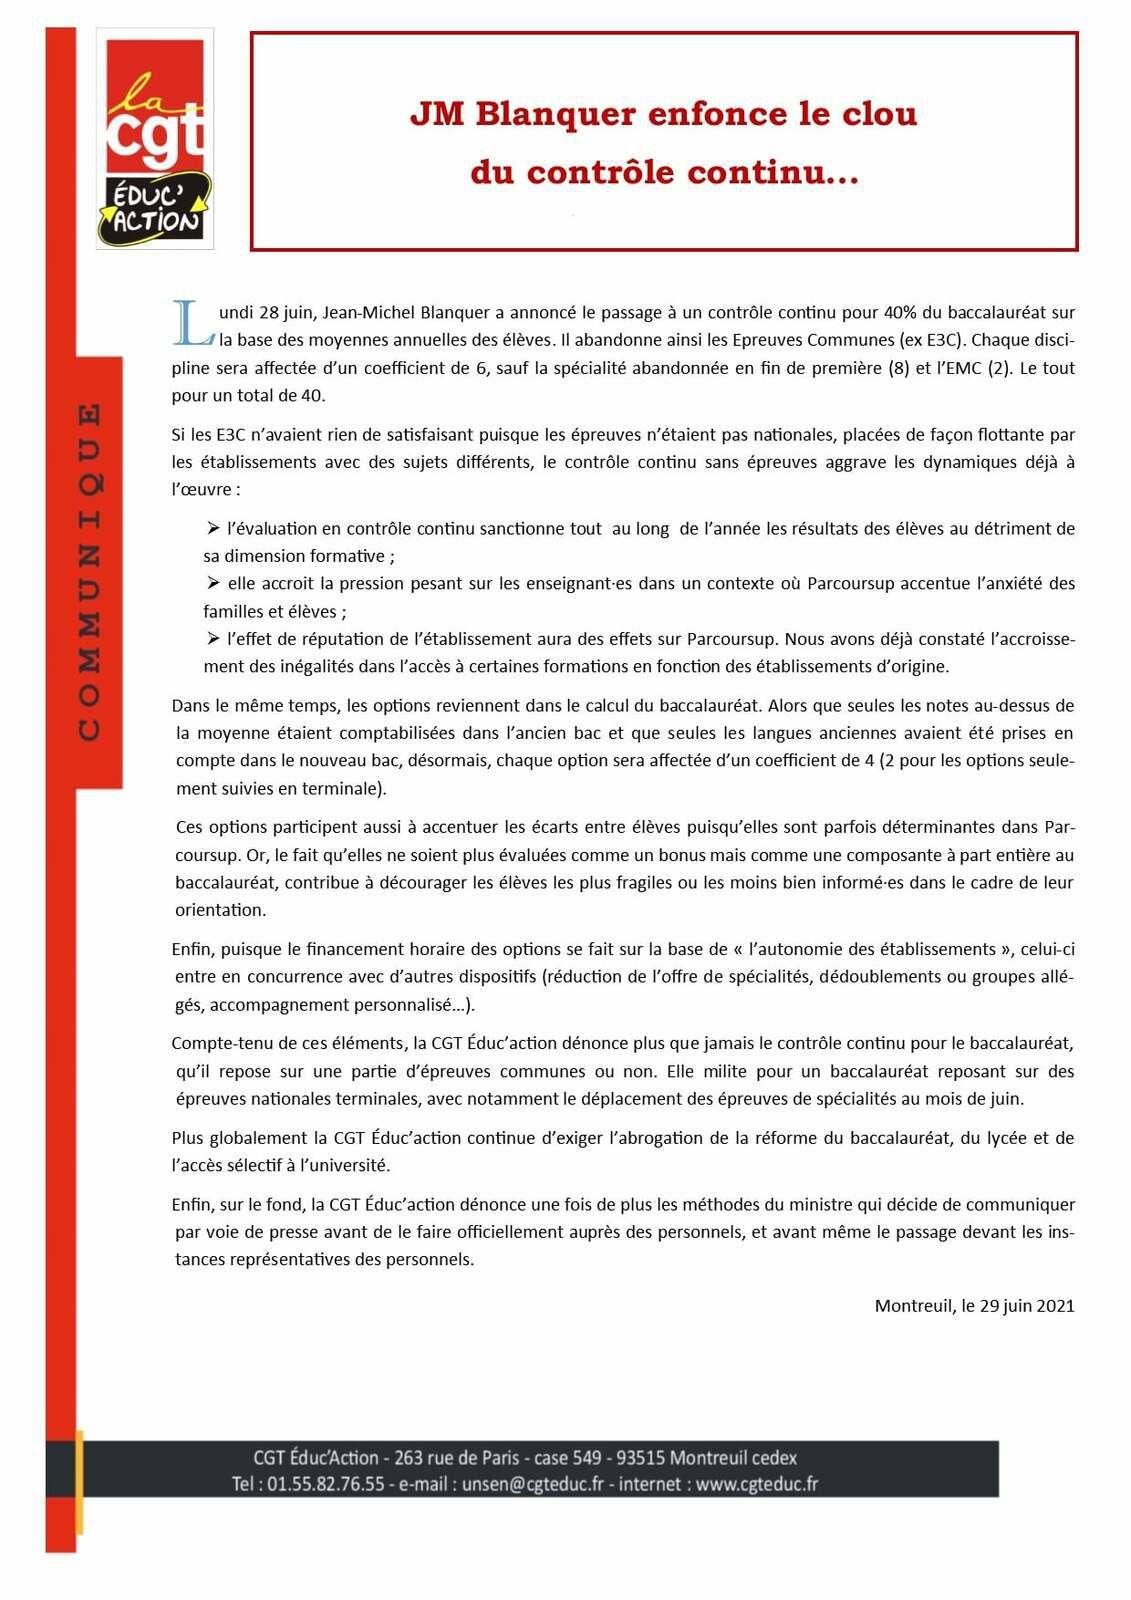 Jean-Michel Blanquer enfonce le clou du contrôle continu